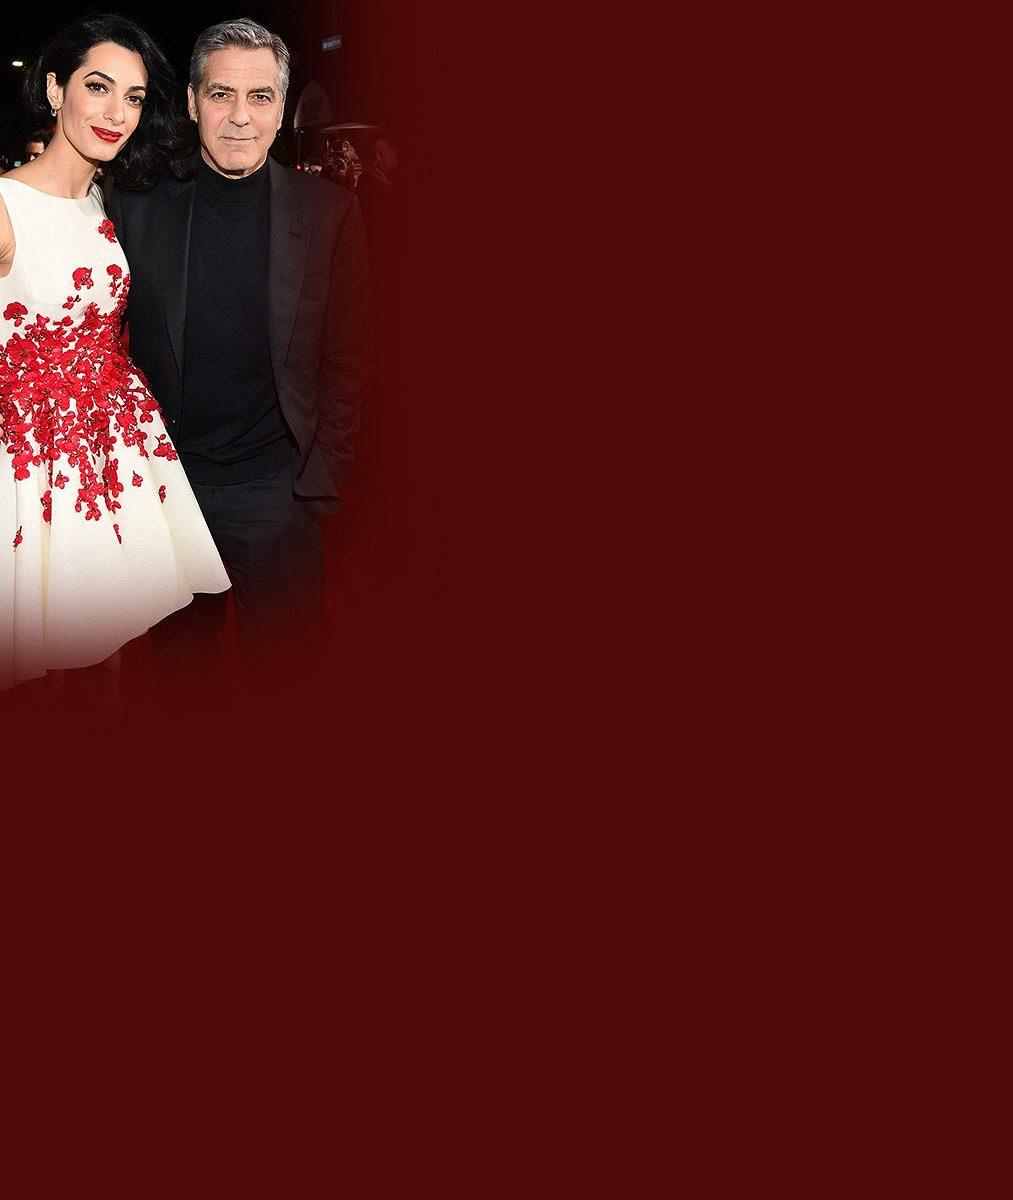 Hrdličky Clooneyovi: Útlounká Amal vypadá pořád jako holčička. Přitom jí táhne na čtyřicet!